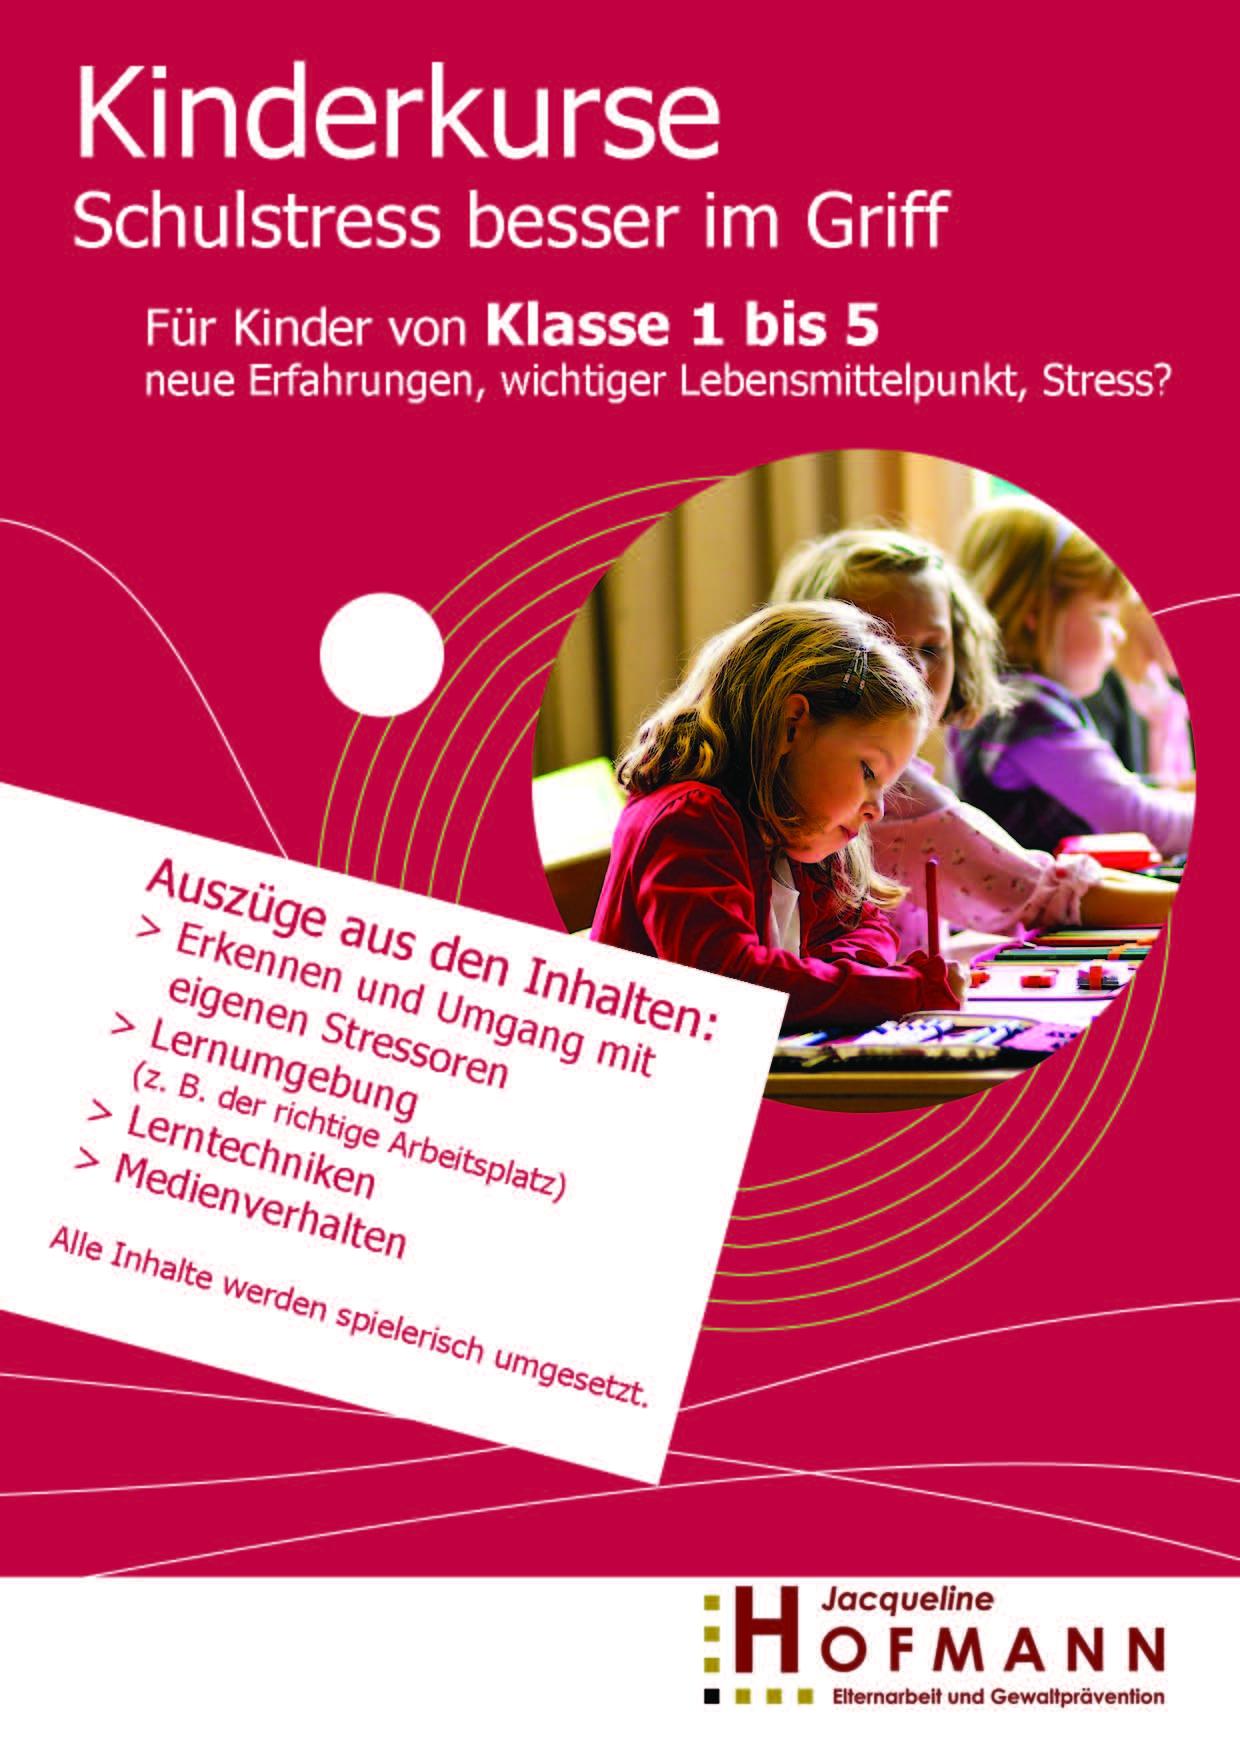 Kinderkurs Schulstress besser im Griff Chemnitz